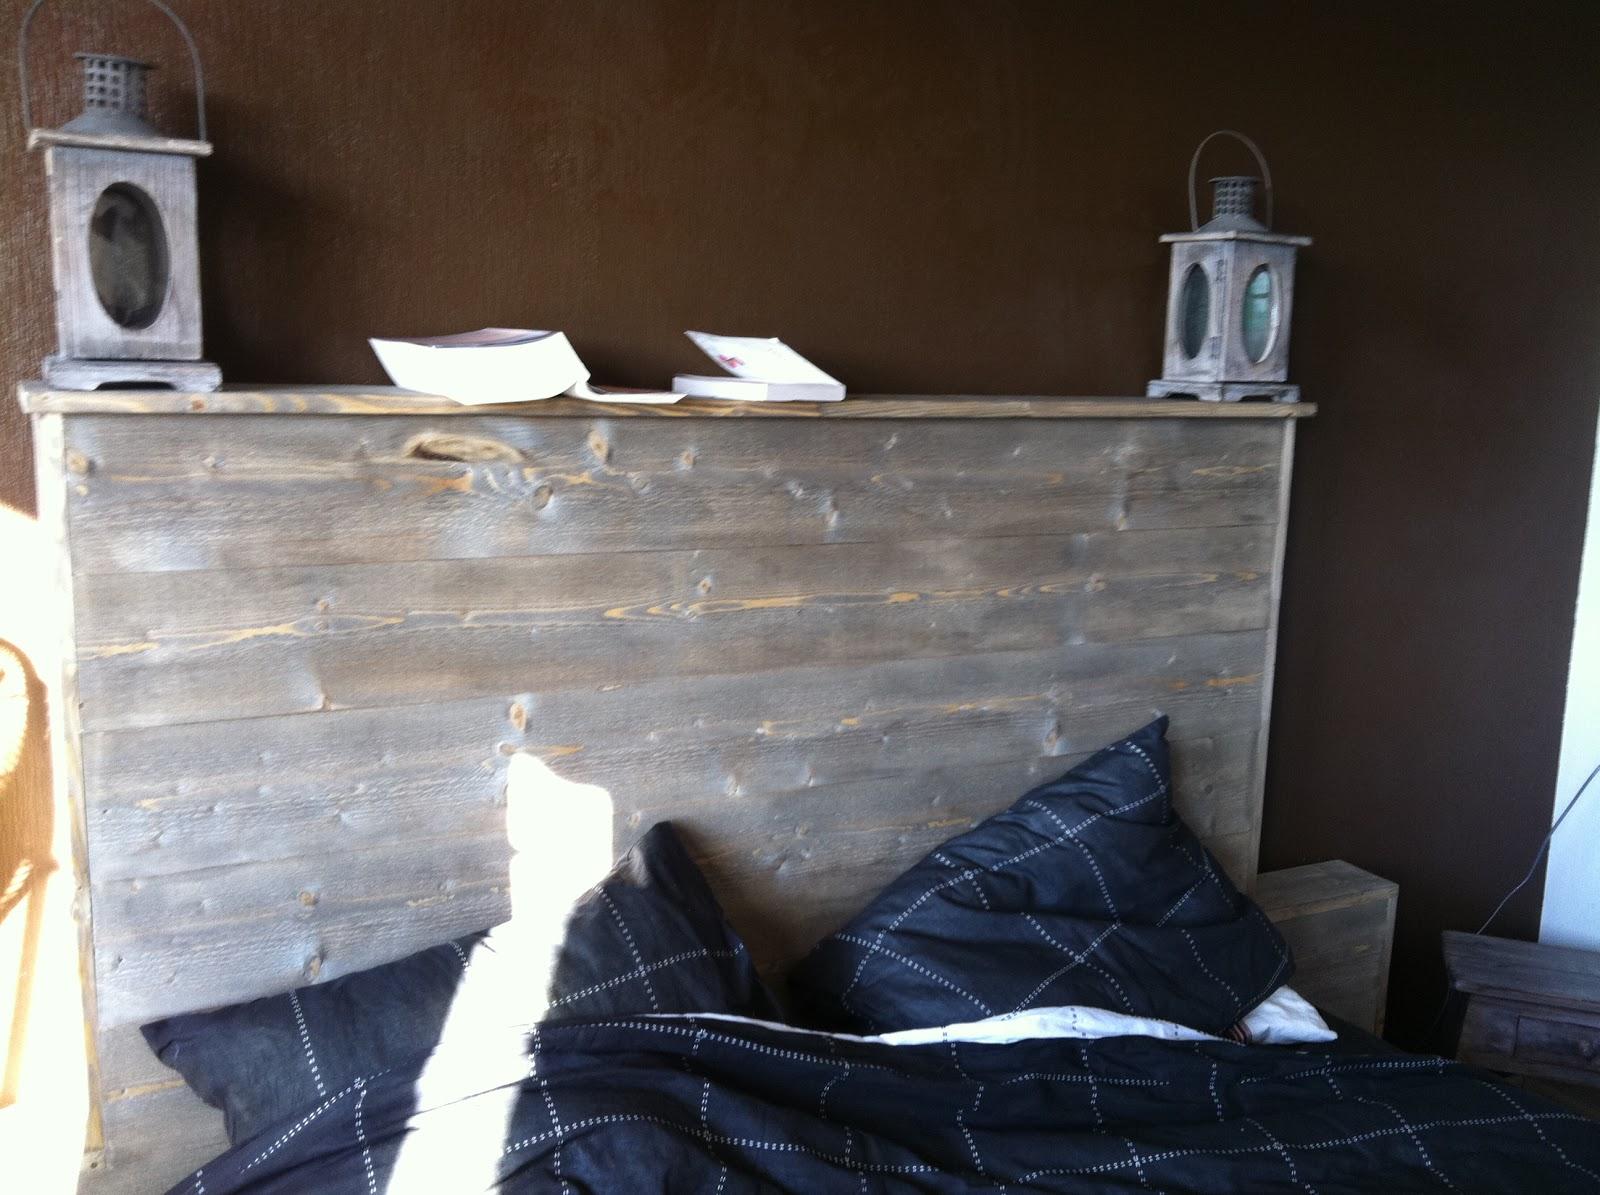 lage sengegavl av planker